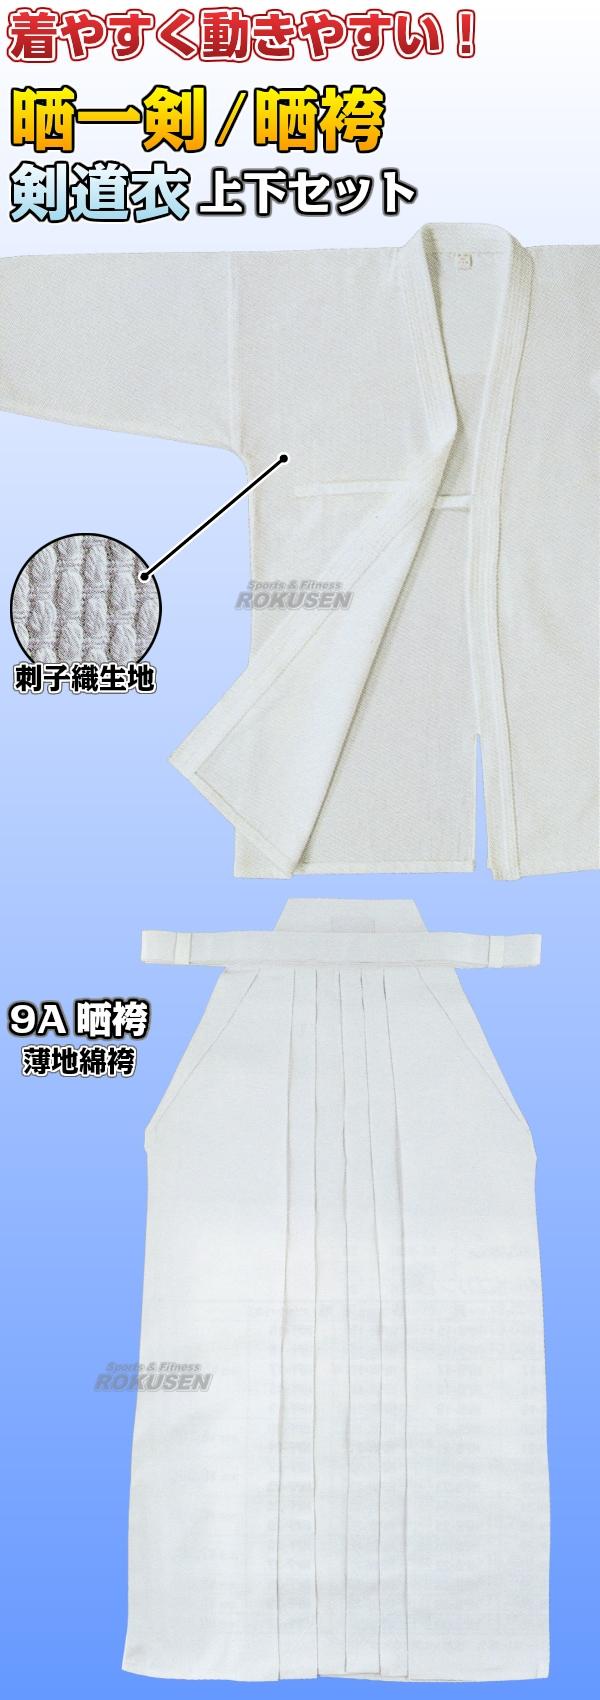 【高柳 剣道】剣道着上衣・袴セット 晒一剣衣・9A晒袴 Z-703・H9W